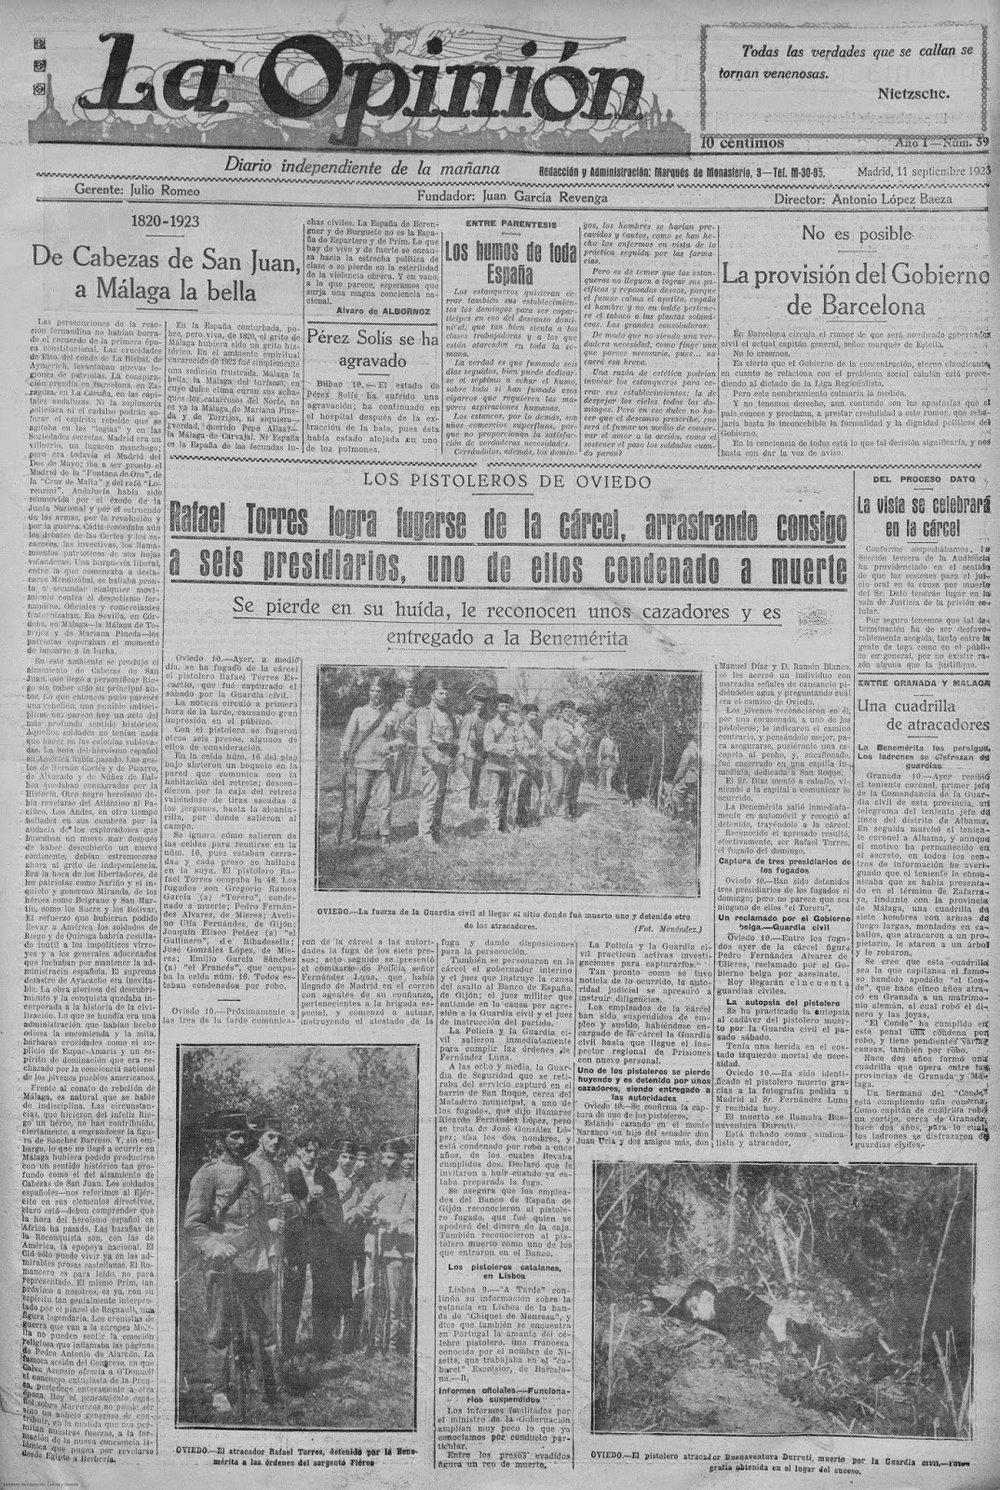 Portada de La Opinión (11 de septiembre de 1923). Abajo, a la derecha, noticia e imagen de la «muerte» de Durruti